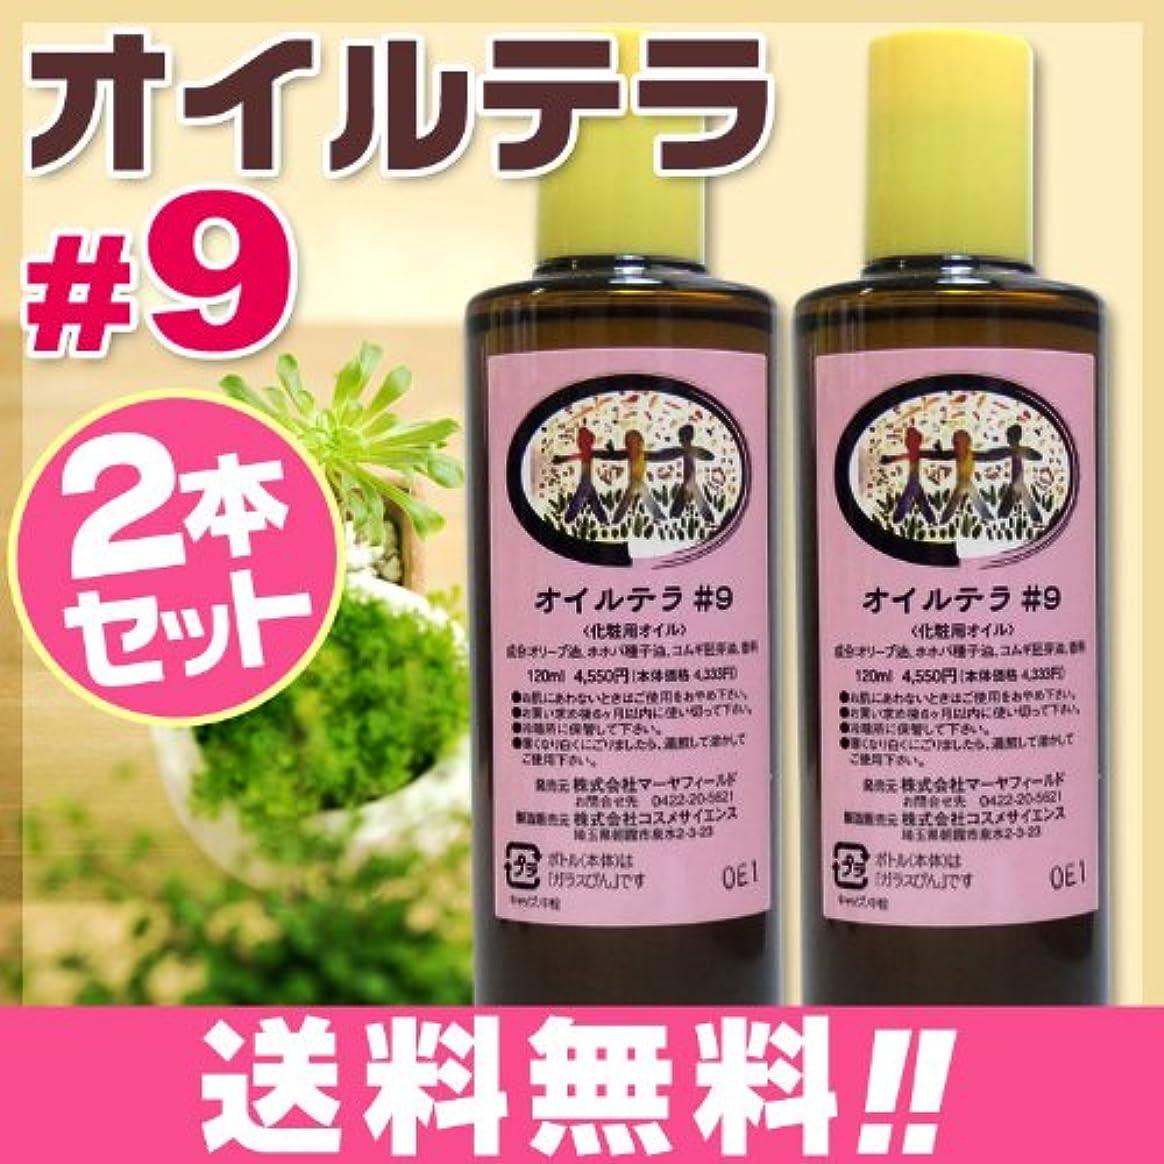 自然窒素油オイルテラ9番 [2本セット] (オイルテラ?9)